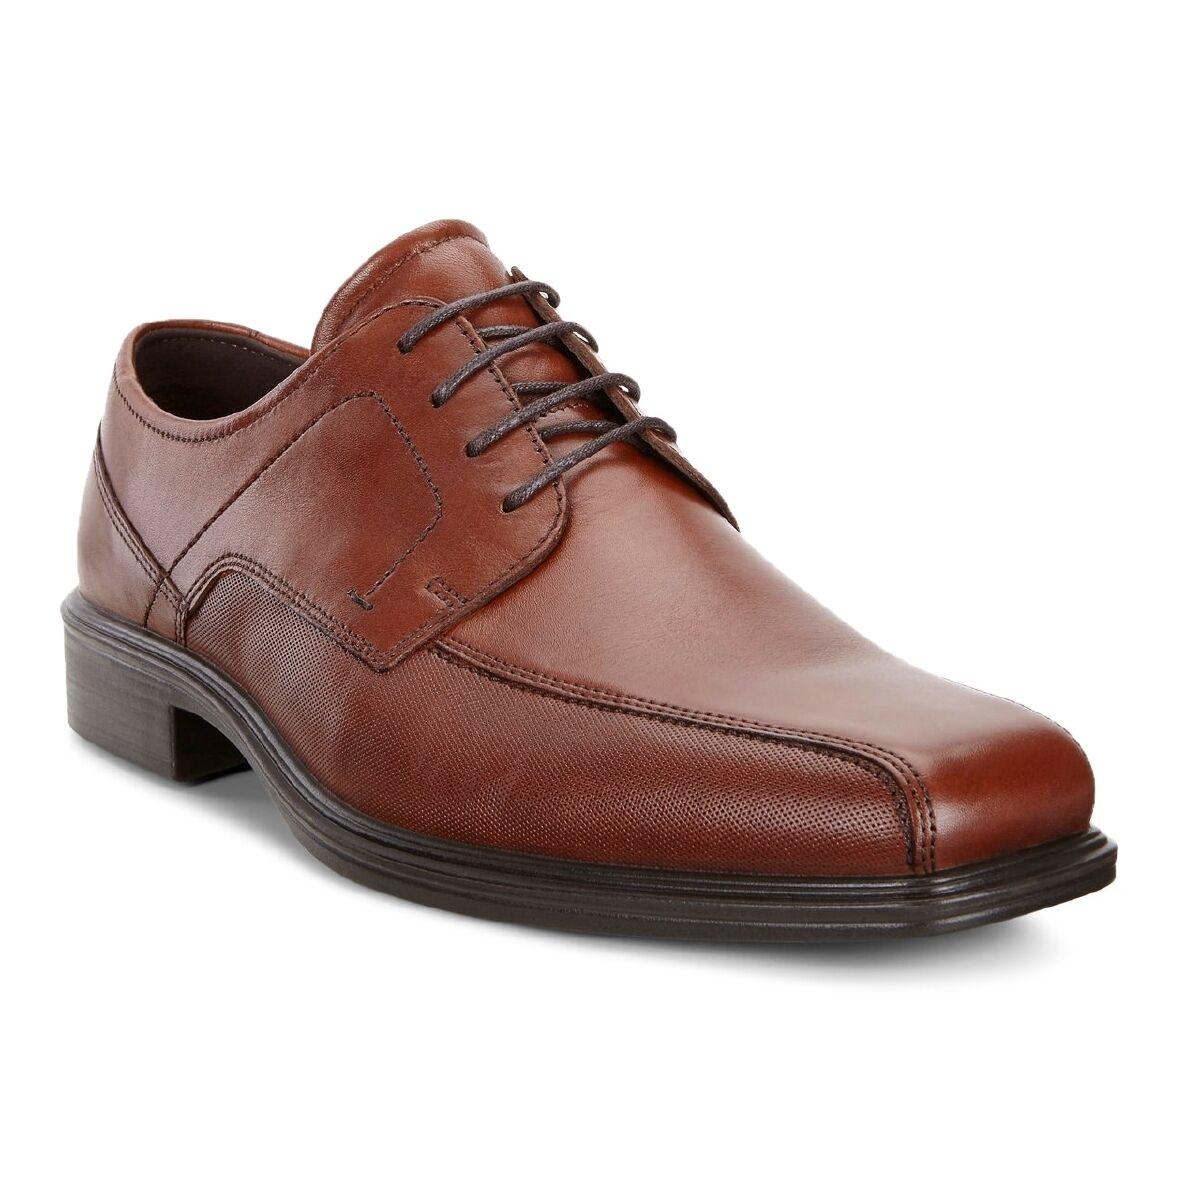 Descuento de la marca Ecco johannesburgo Men zapatos caballero zapato bajo ejecutivo cognac 623544-01053